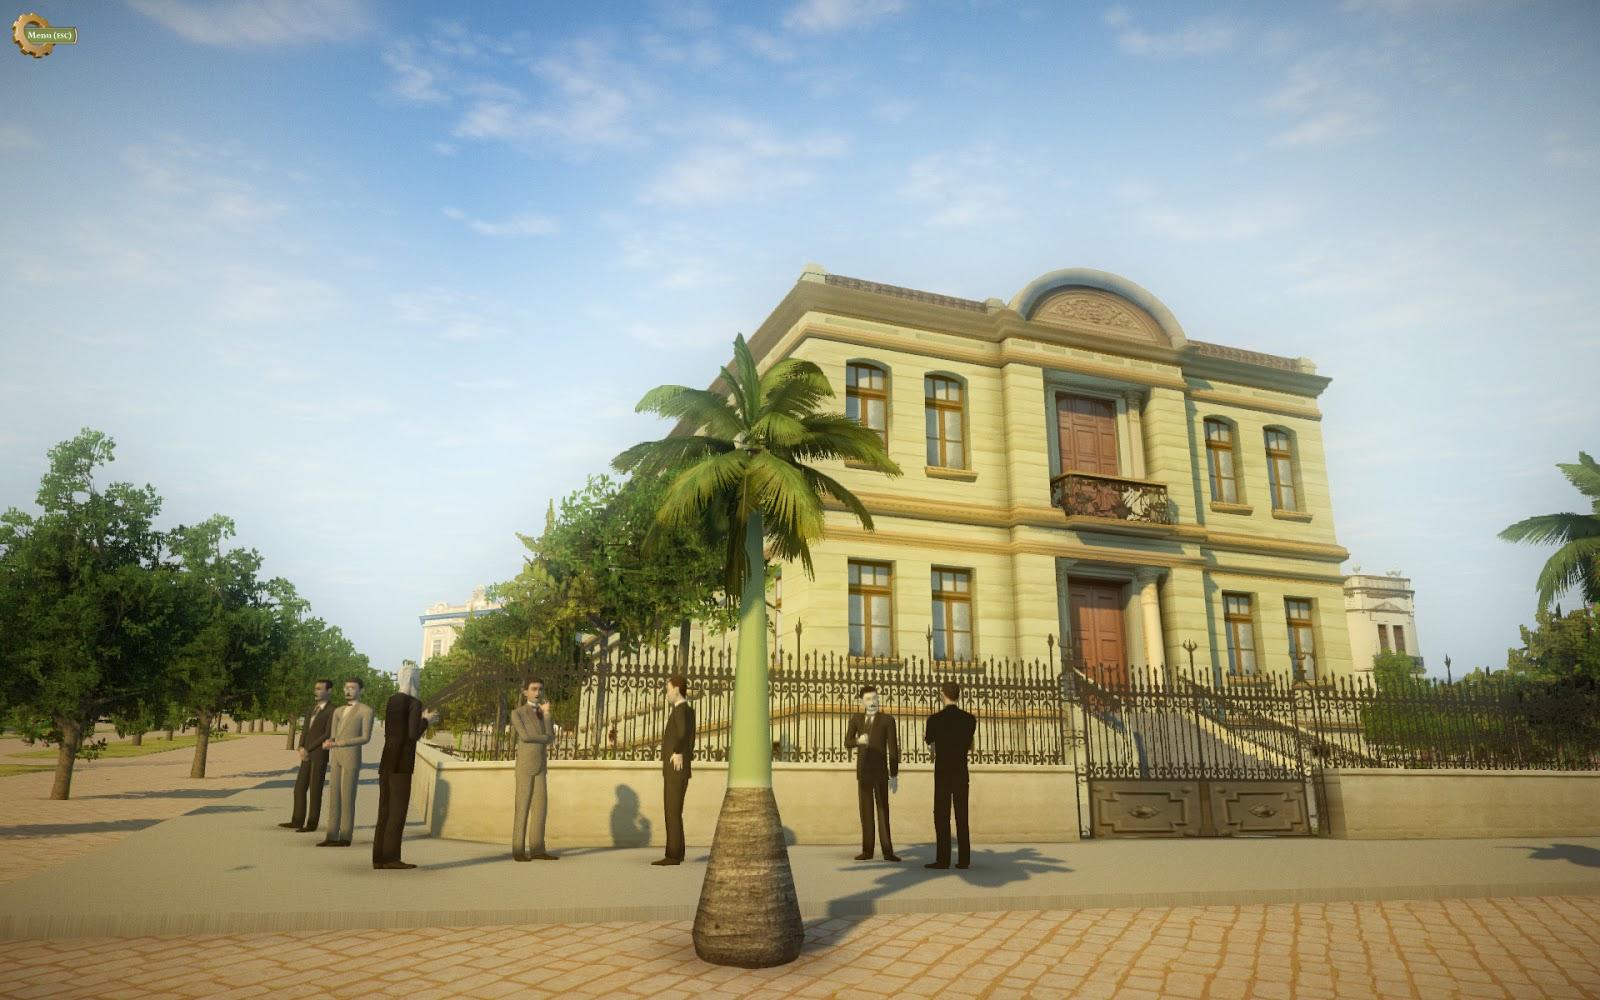 Lançamos o Passeio Virtual Belo Horizonte 1911